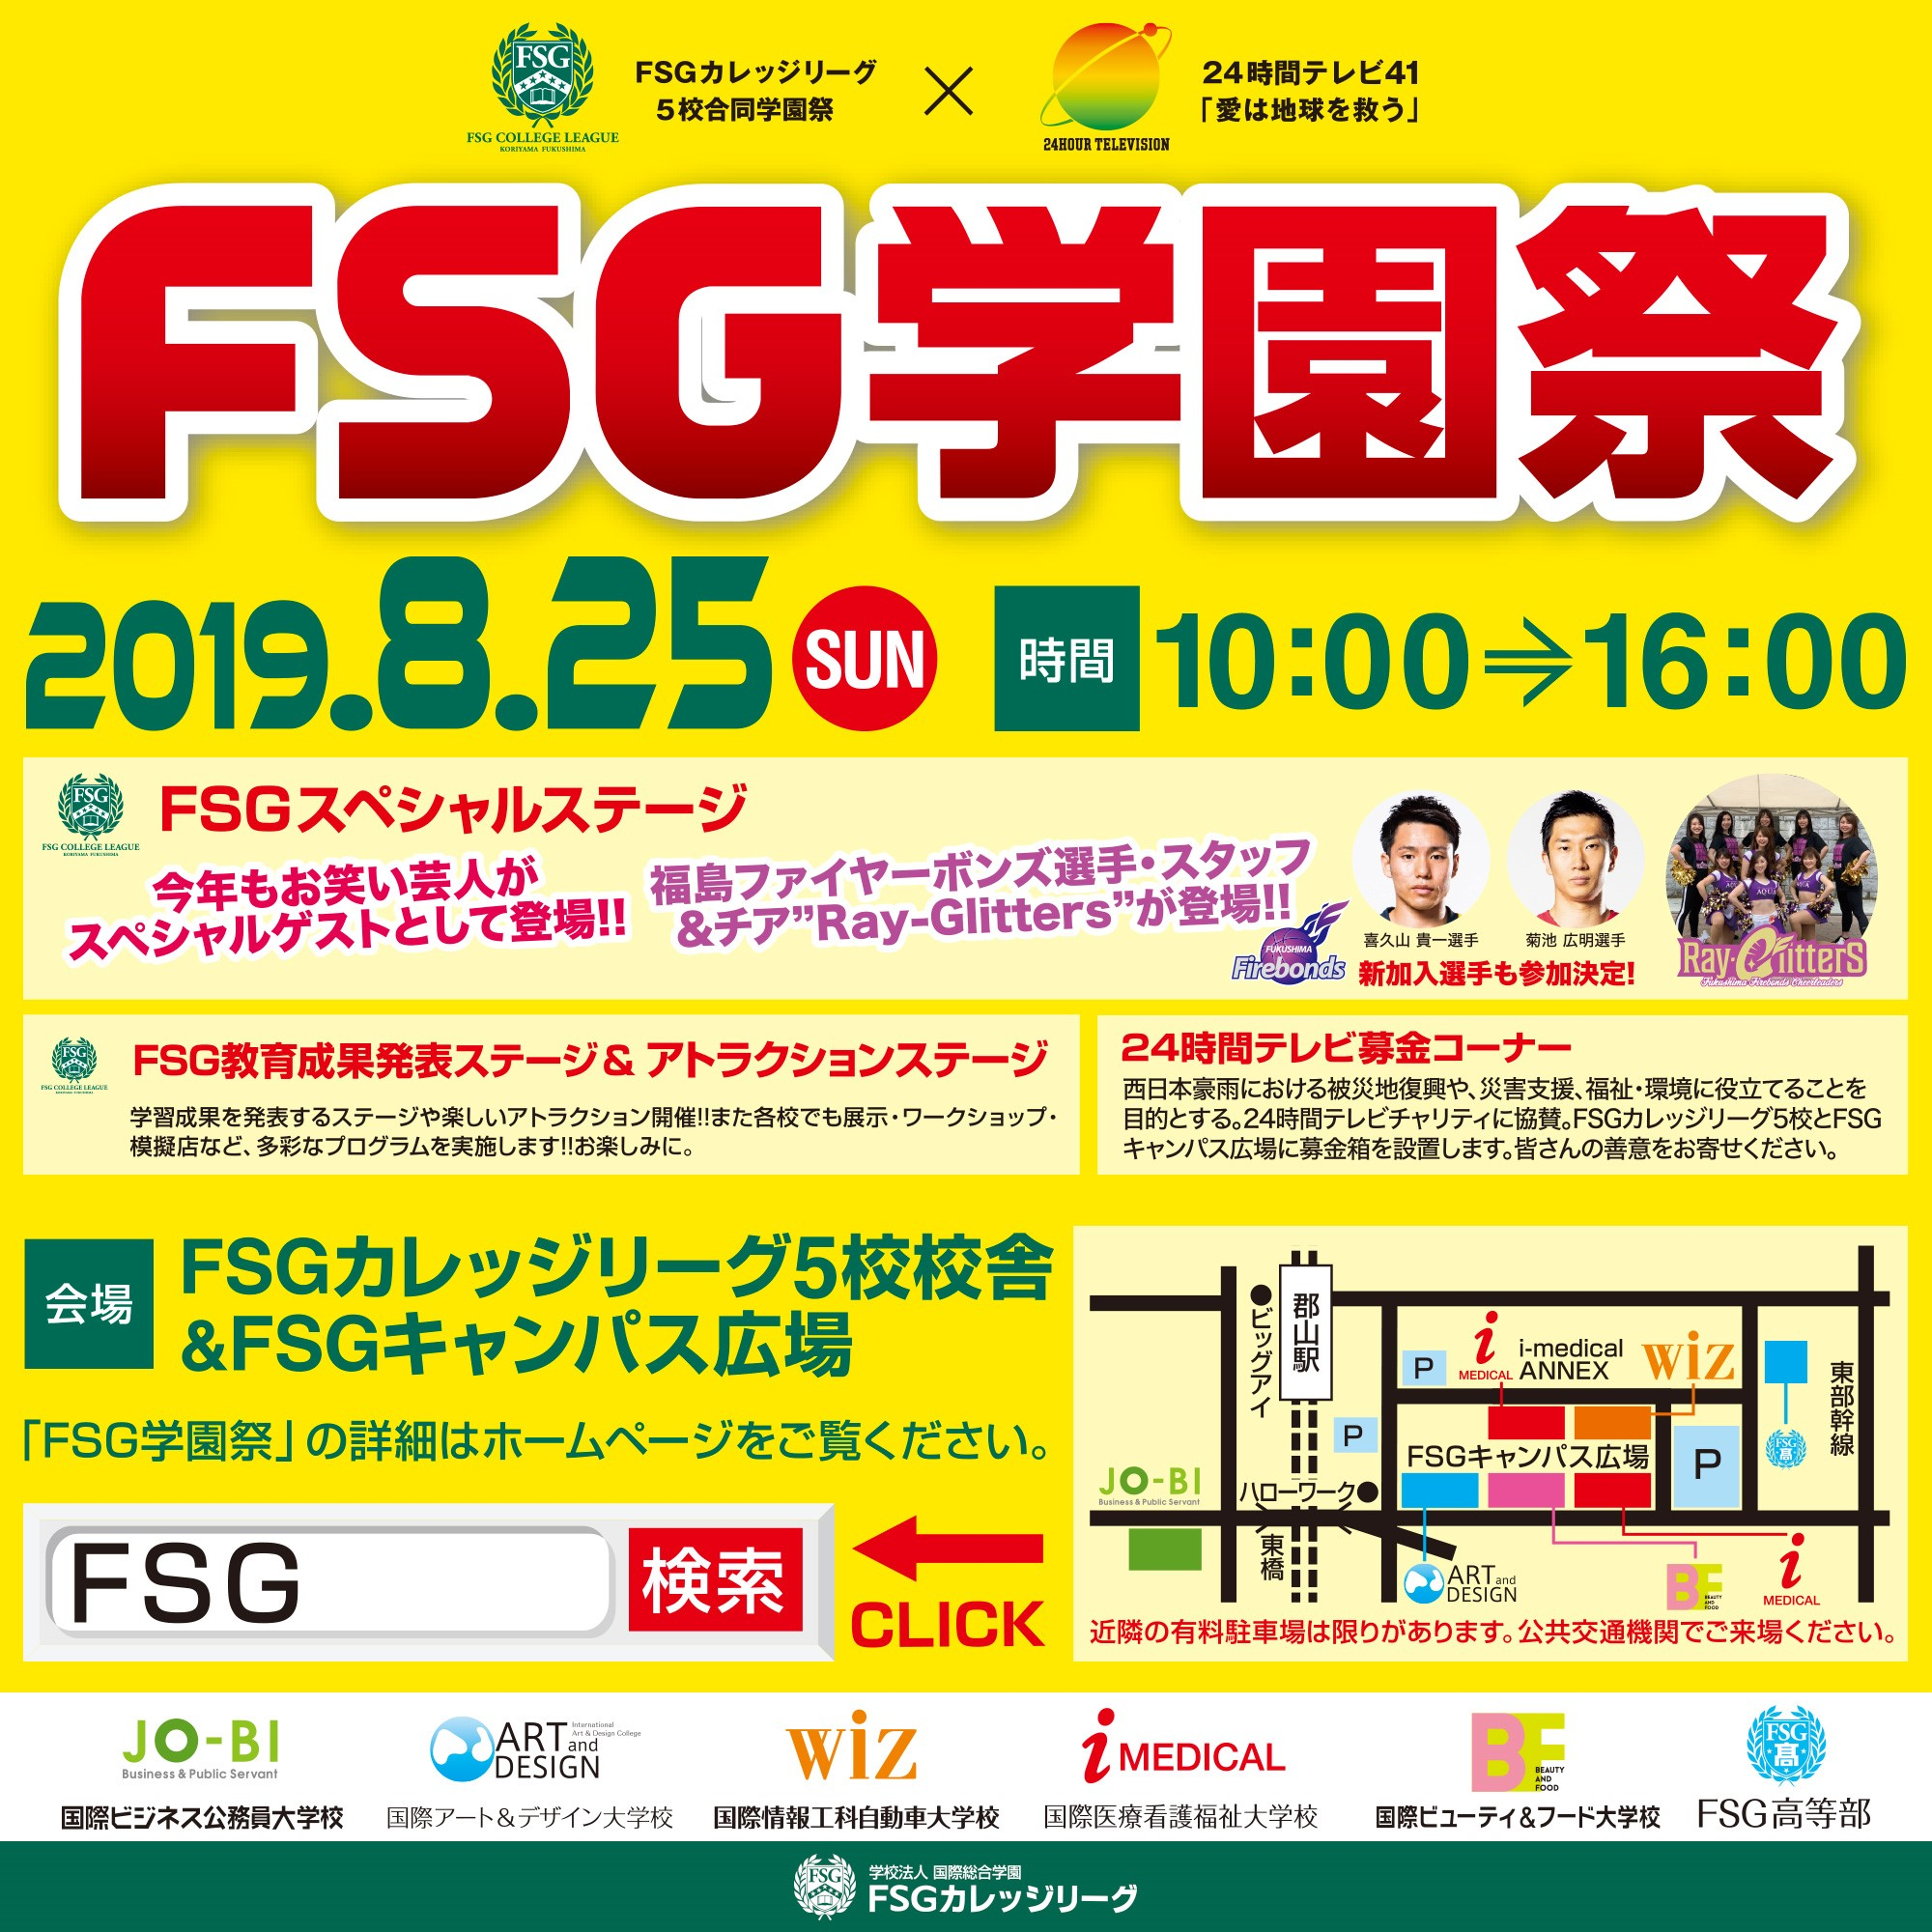 2019年度FSG学園祭開催予告!】 ...